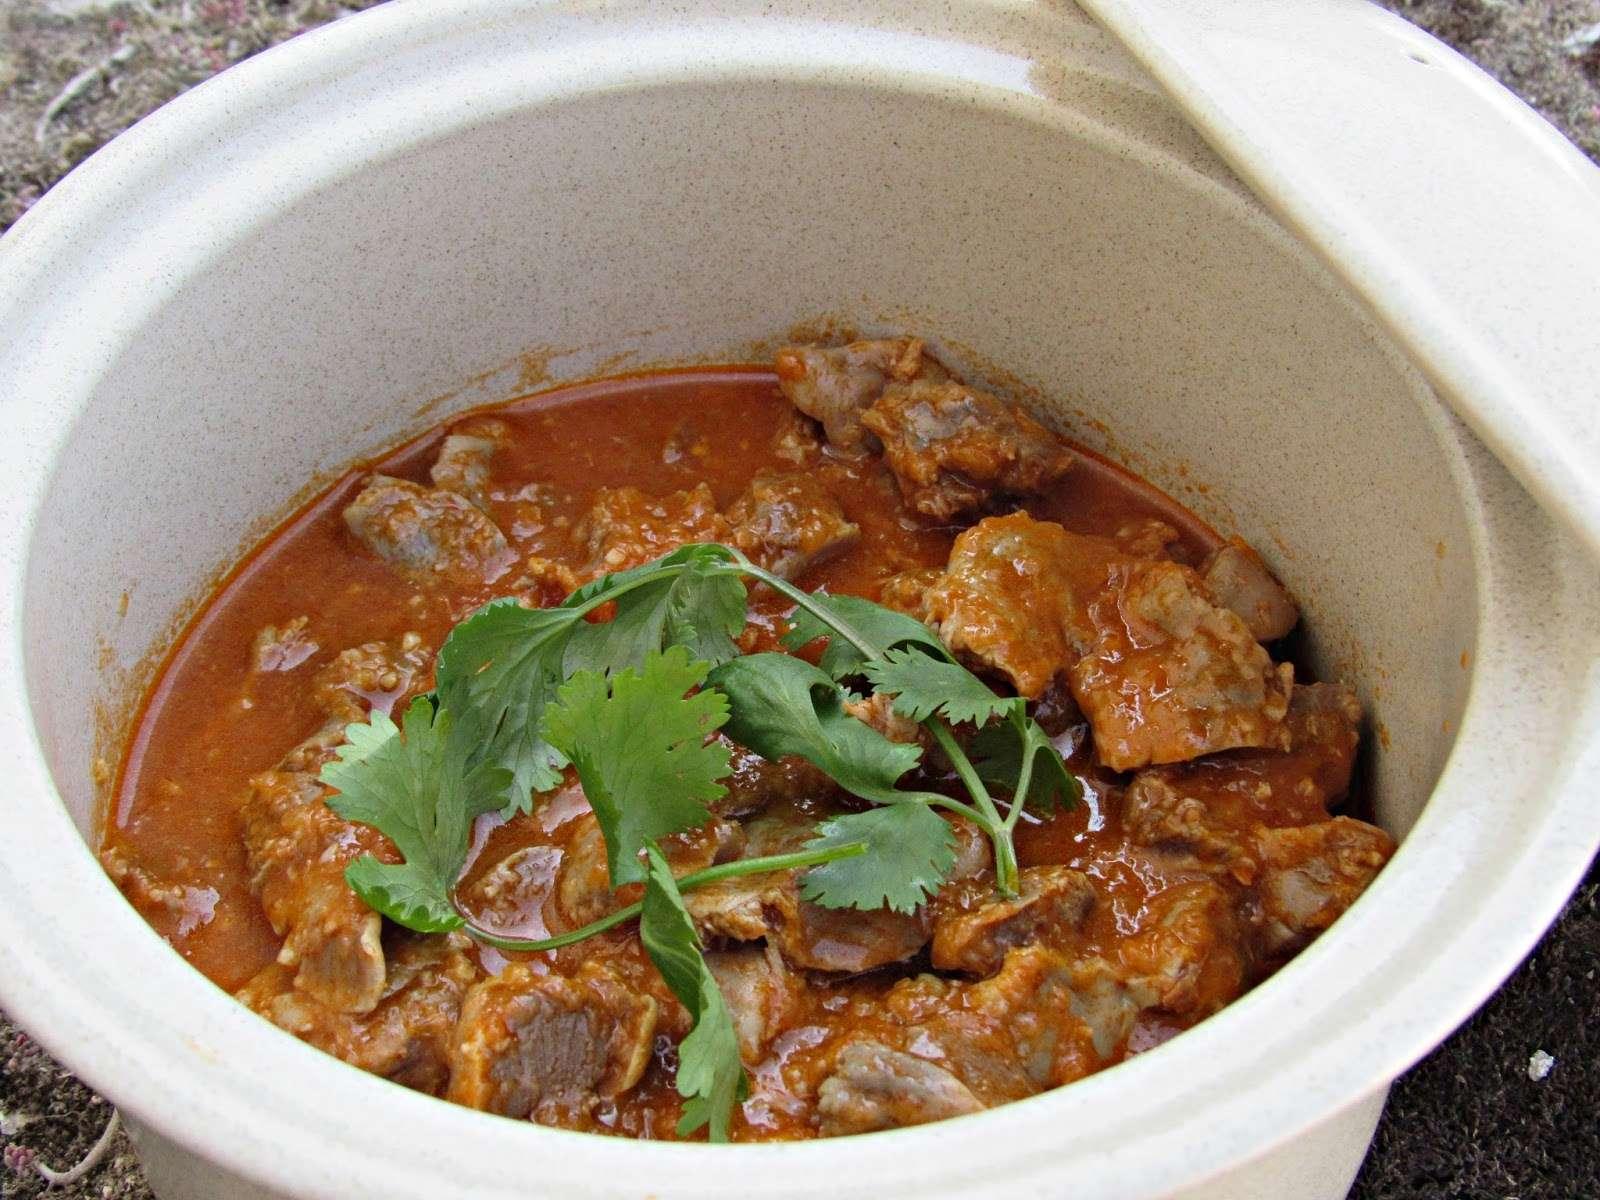 Moelas de Frango com molho de tomate cremoso